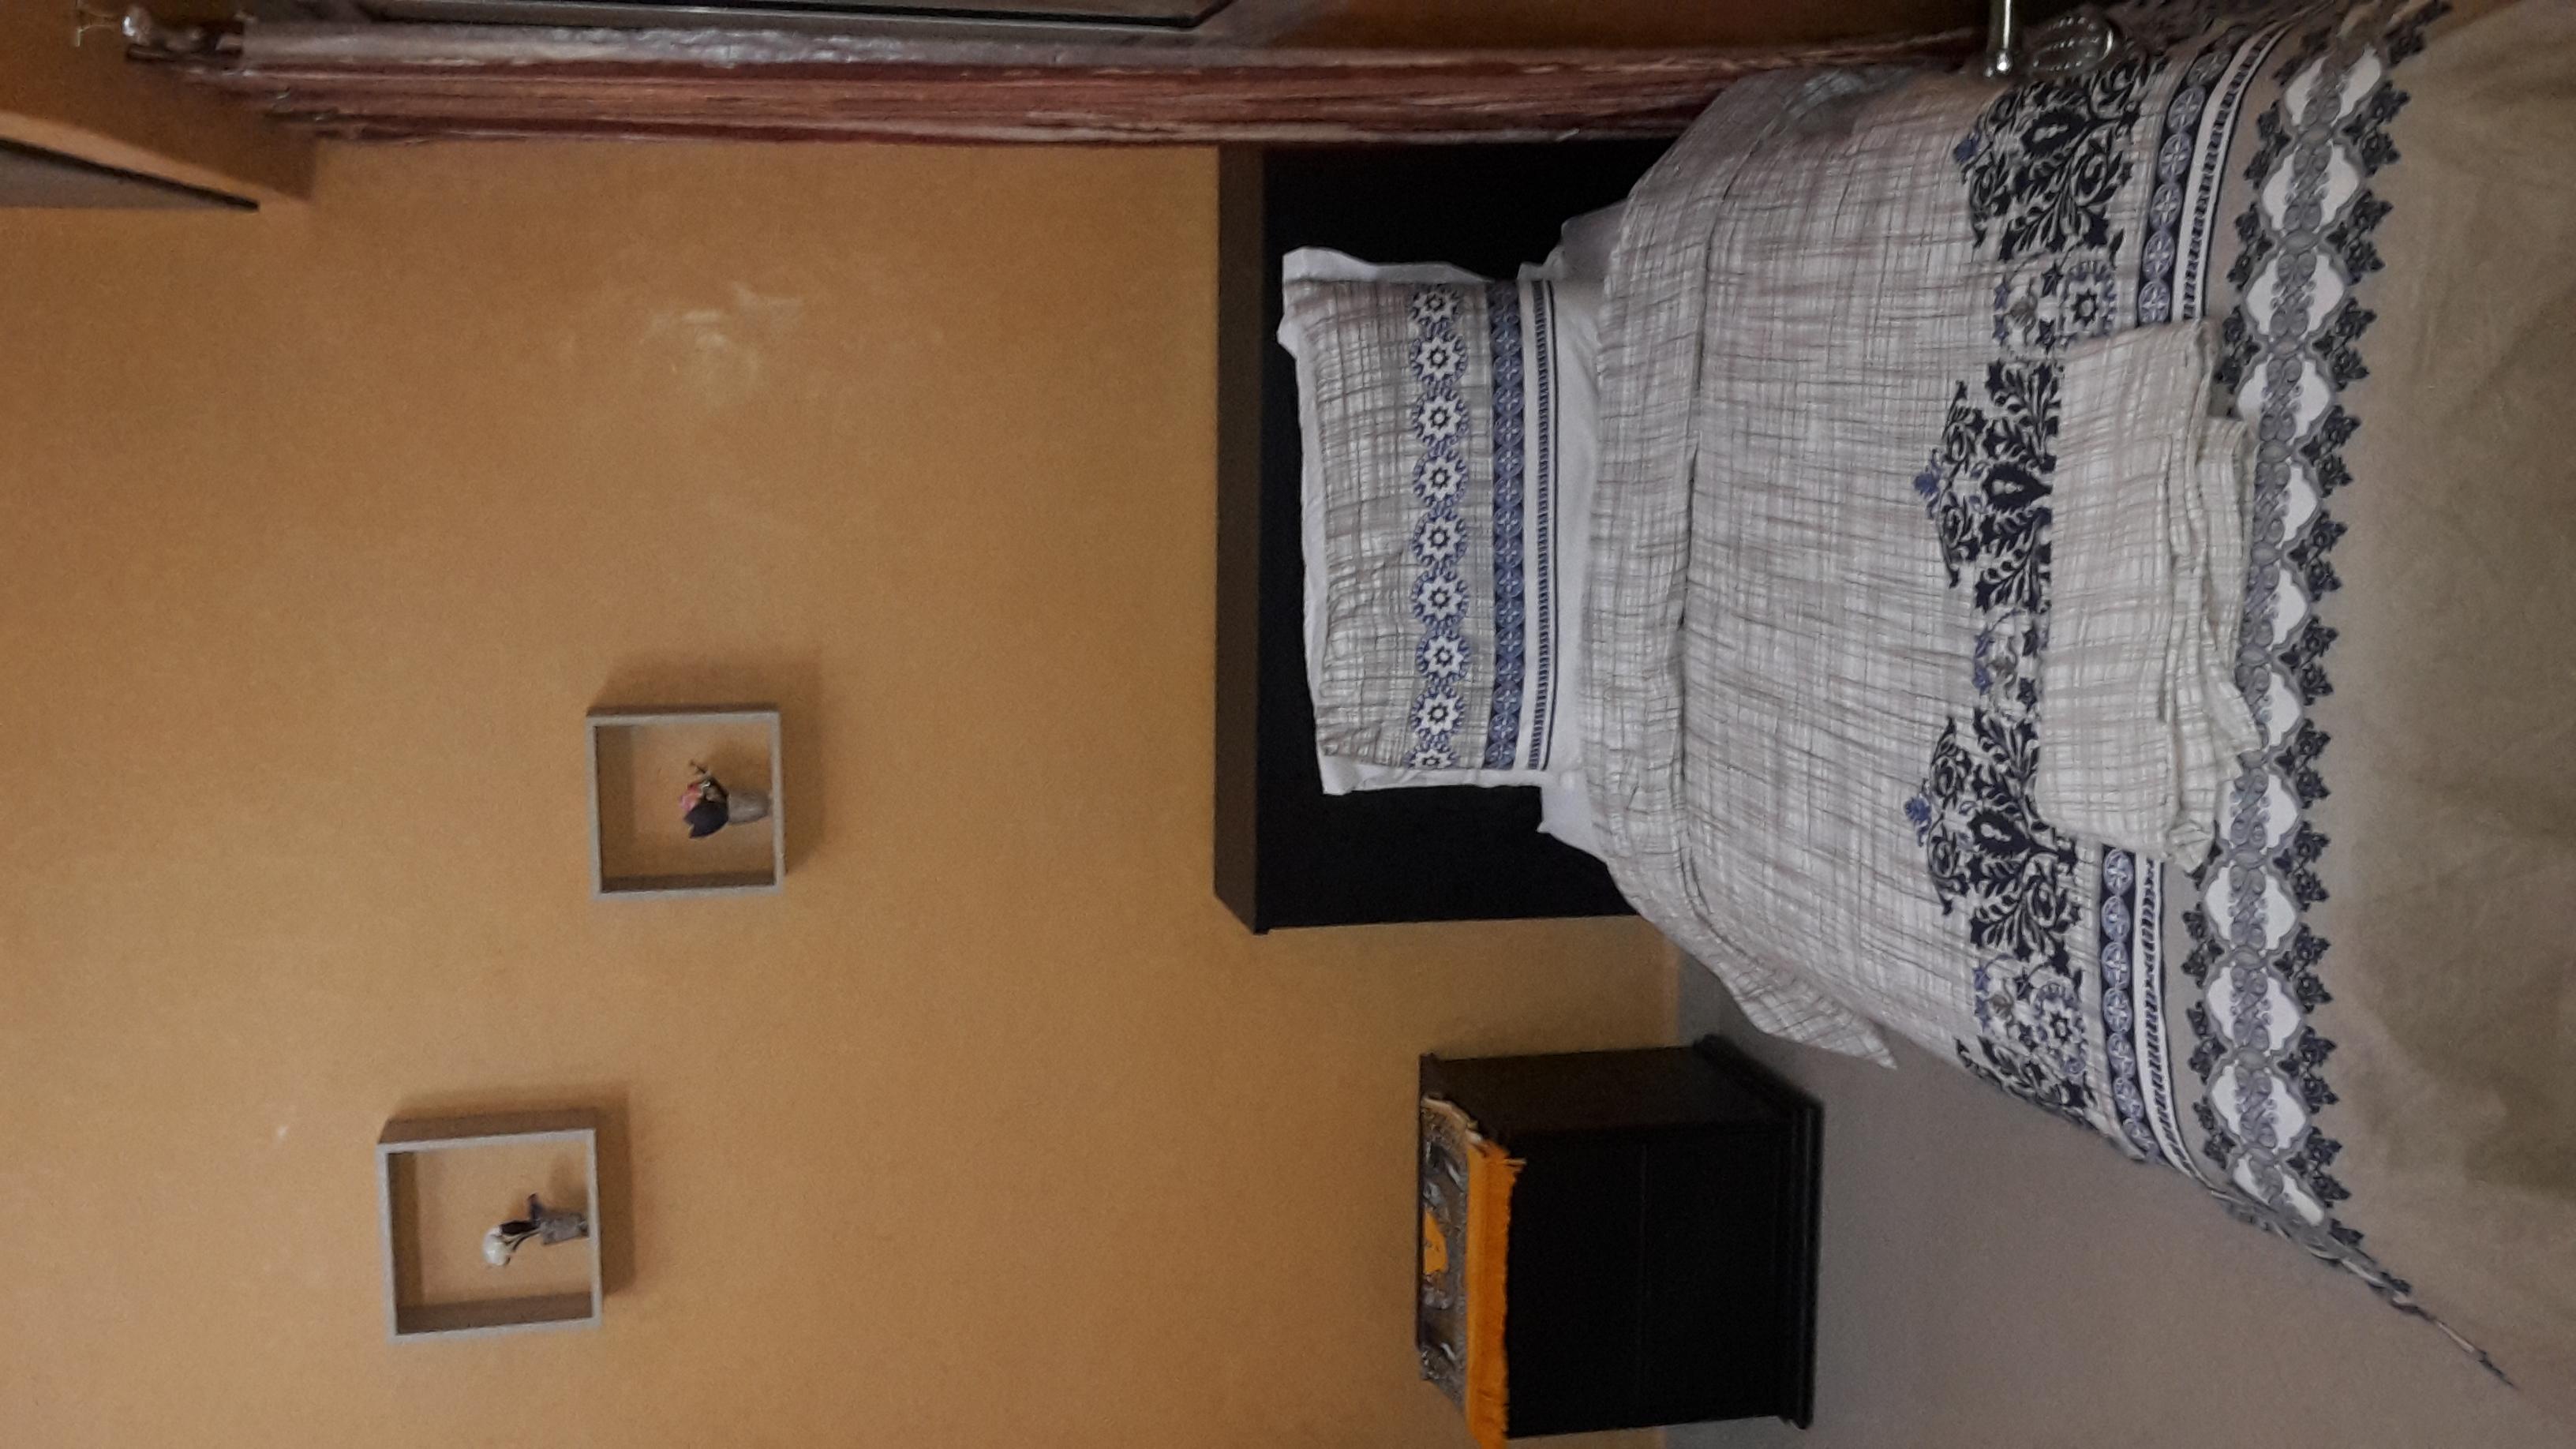 Image appartement de vacances haut standing à NOVA BEACH Village - Résidence balnéaire située à sidi rahal 7